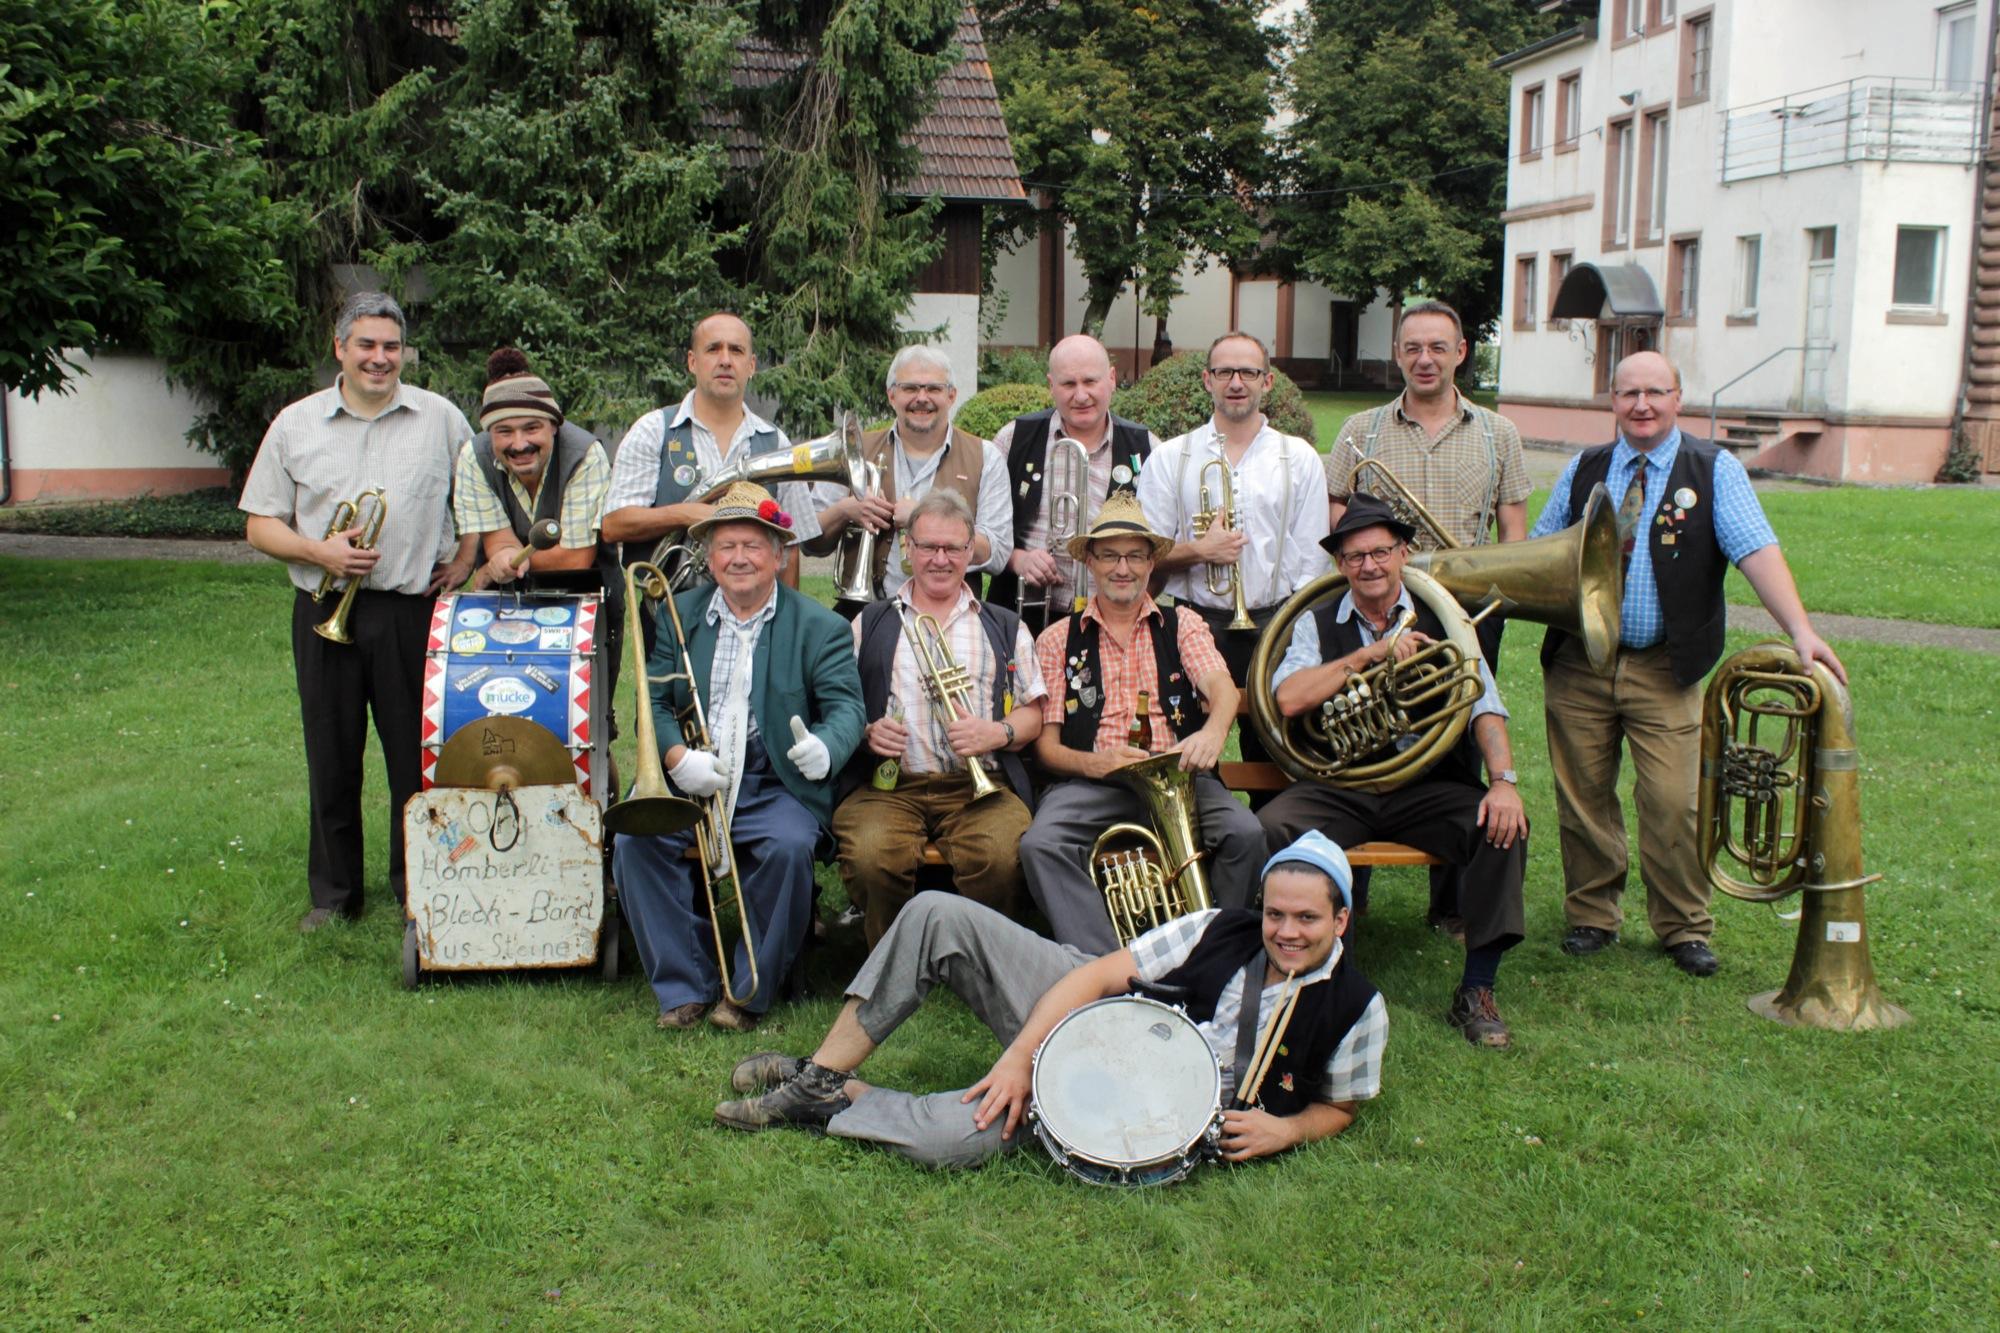 2017-9-22-Steinach-selbst-Homberle-Blech-Bänd 2017